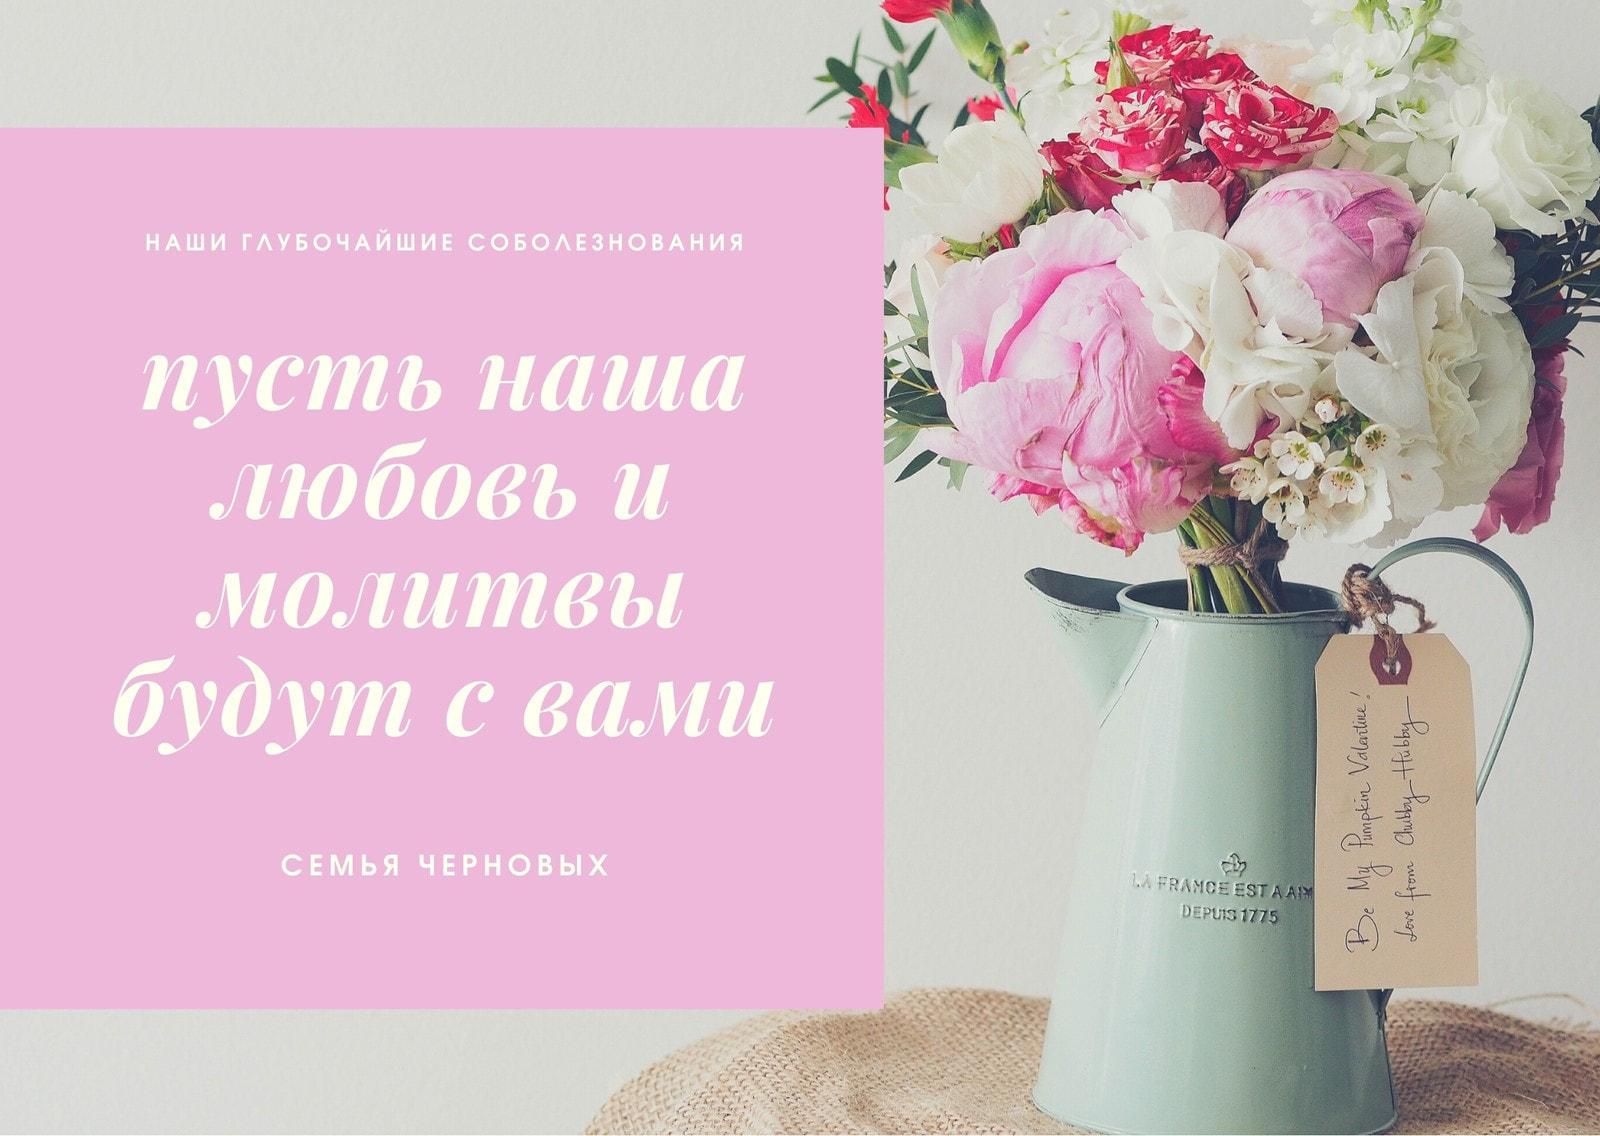 Розовая и Белая Квадрат Цветочная Ваза Соболезнования Открытка